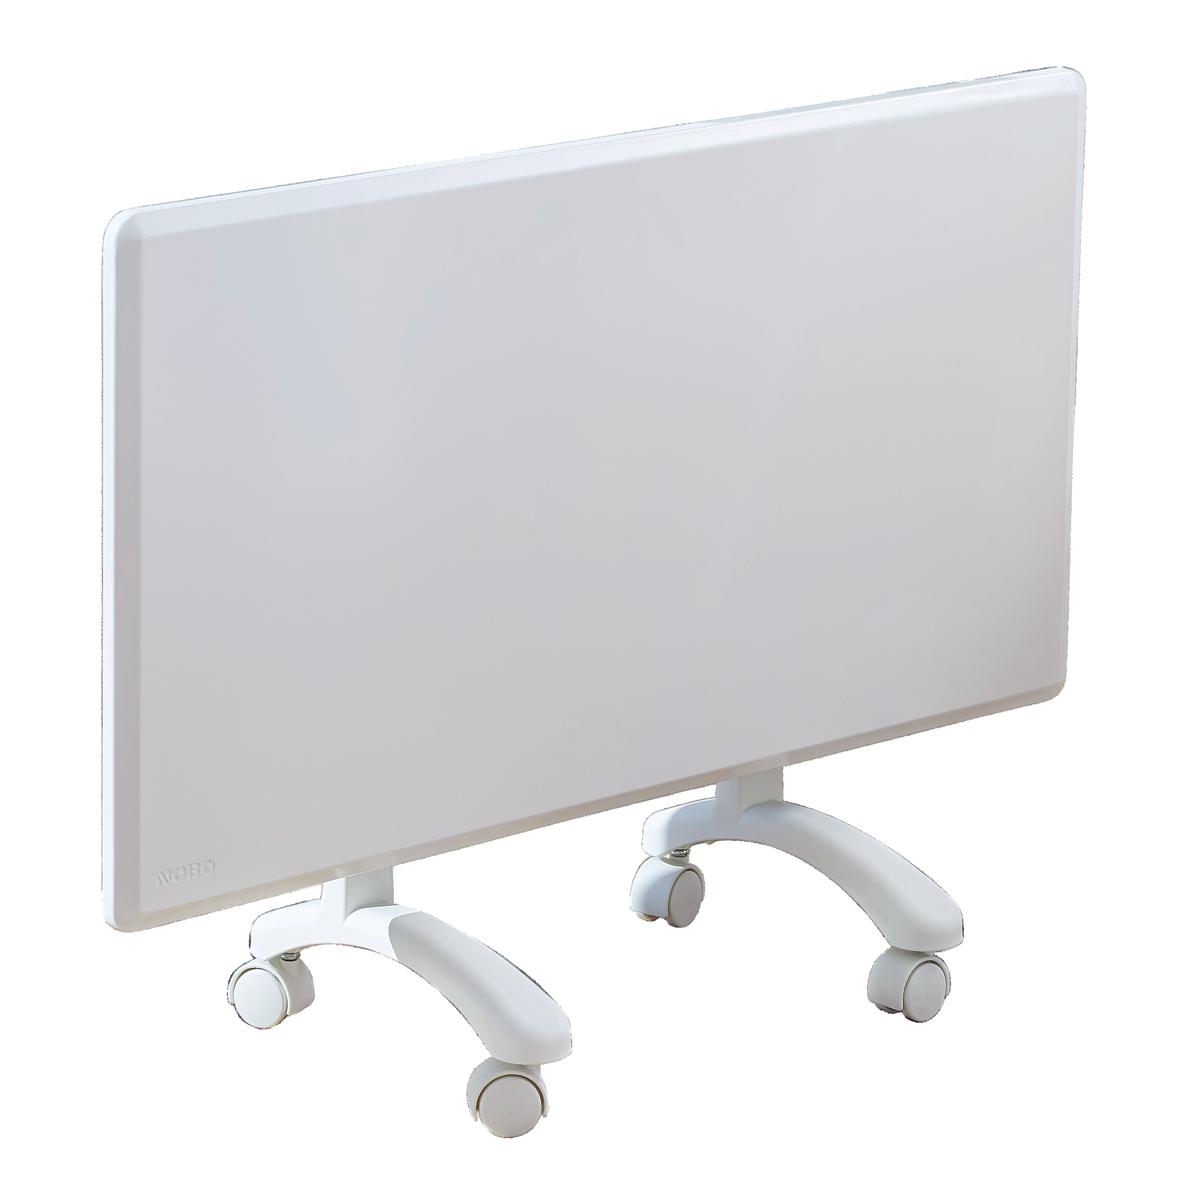 Home riscaldamento elettrico norvegese for Dimplex radiatori elettrici